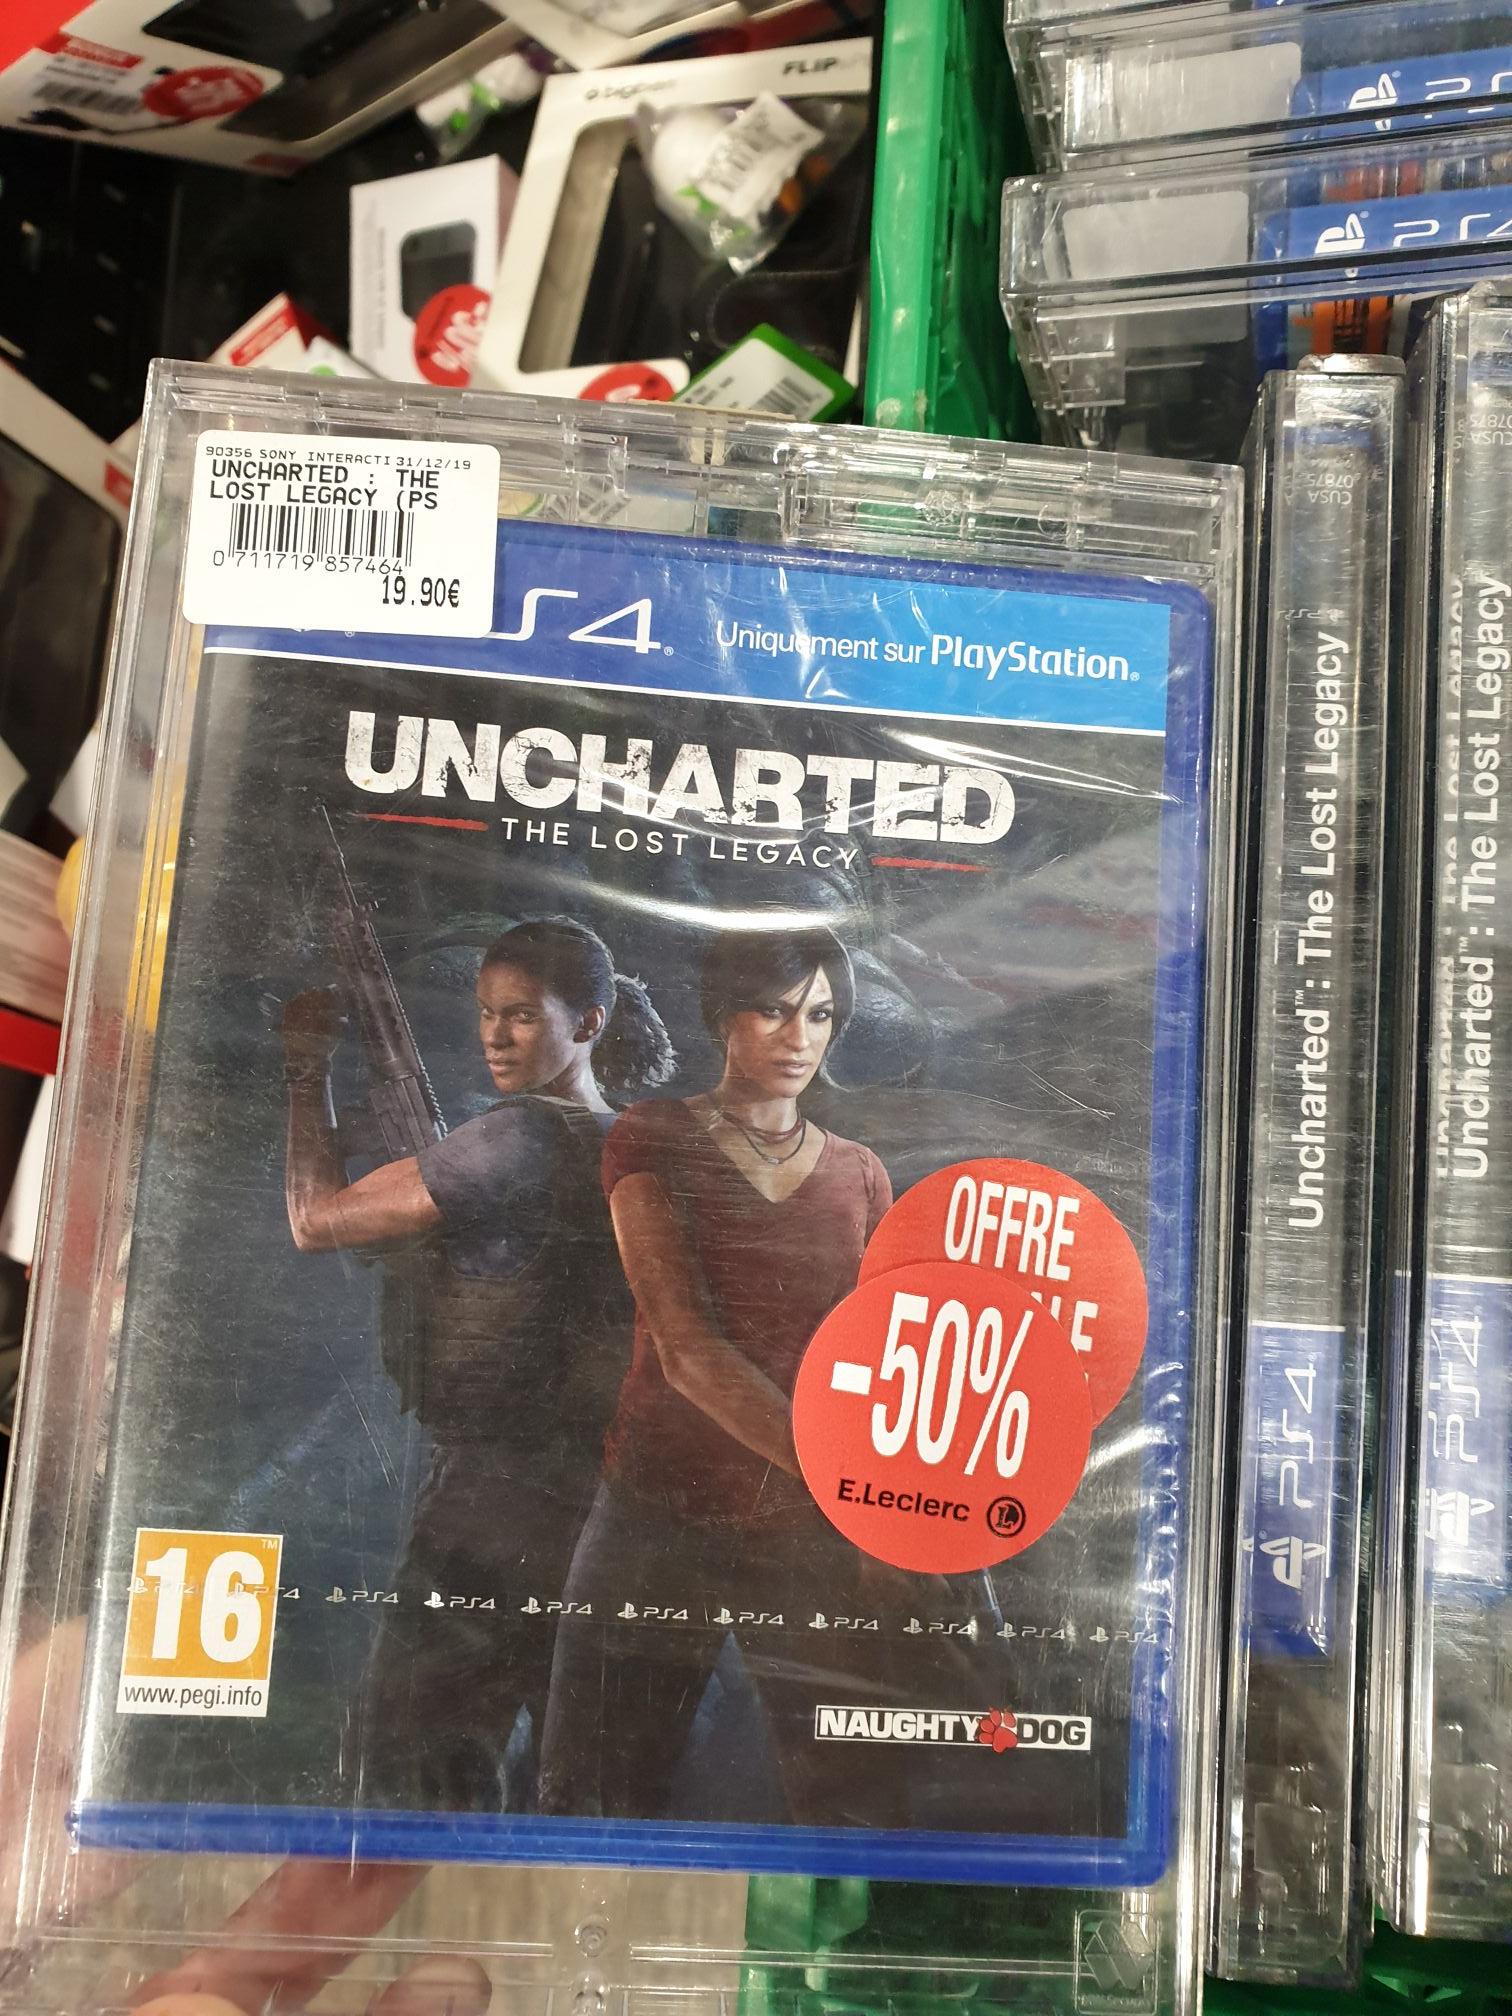 Sélection de jeux vidéo en promotion - Ex : Uncharted: The Lost Legacy sur PS4 - Canteleu (76)